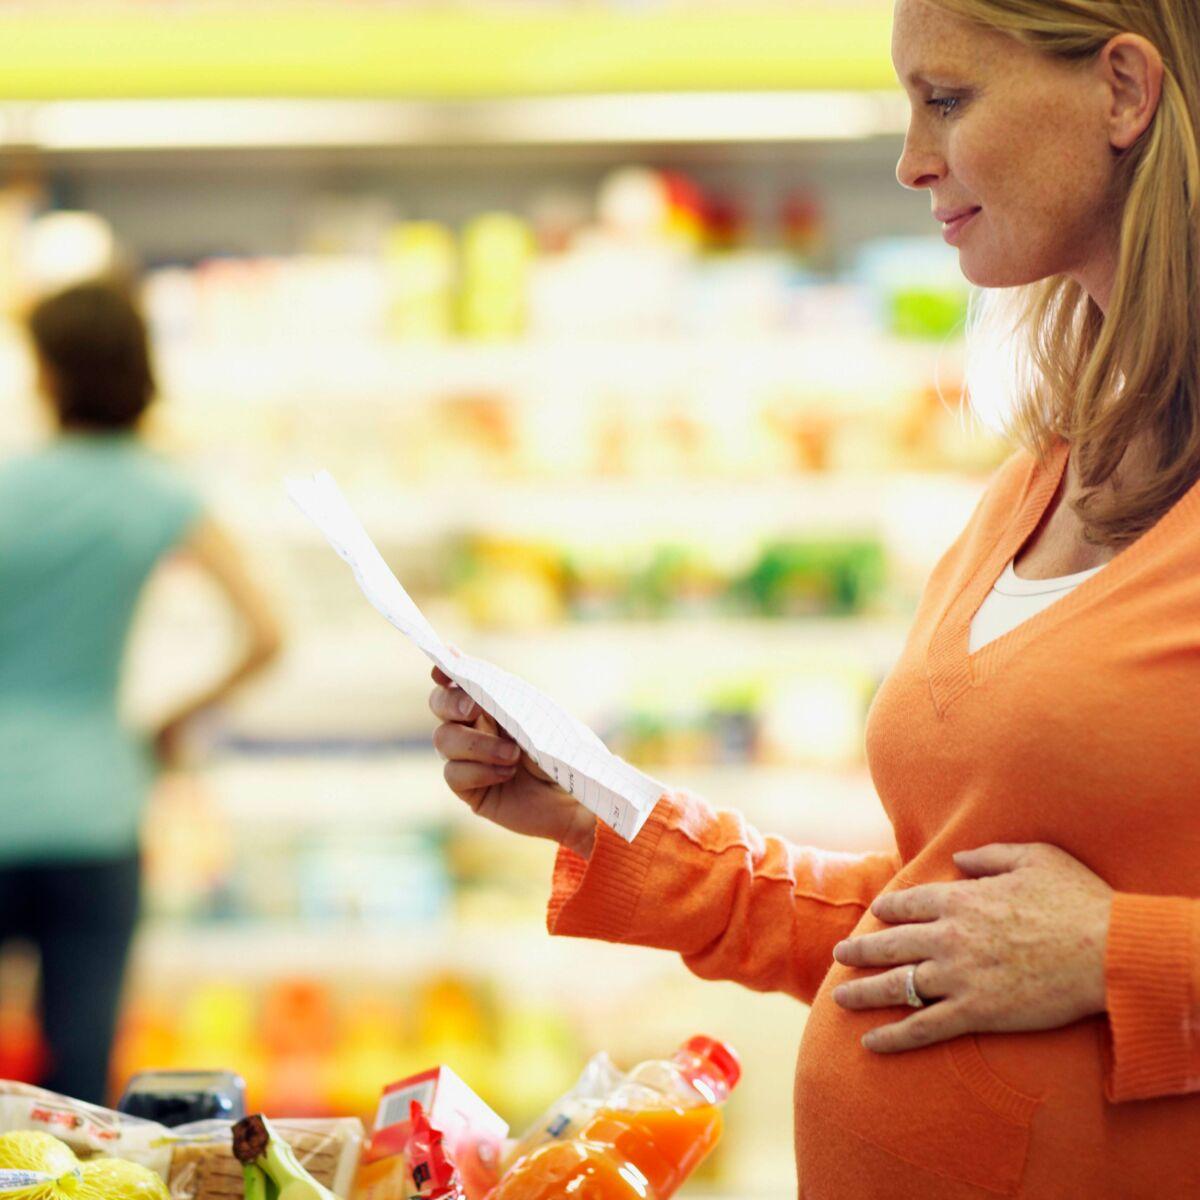 Grossesse : comment éviter les produits toxiques quand on est ...